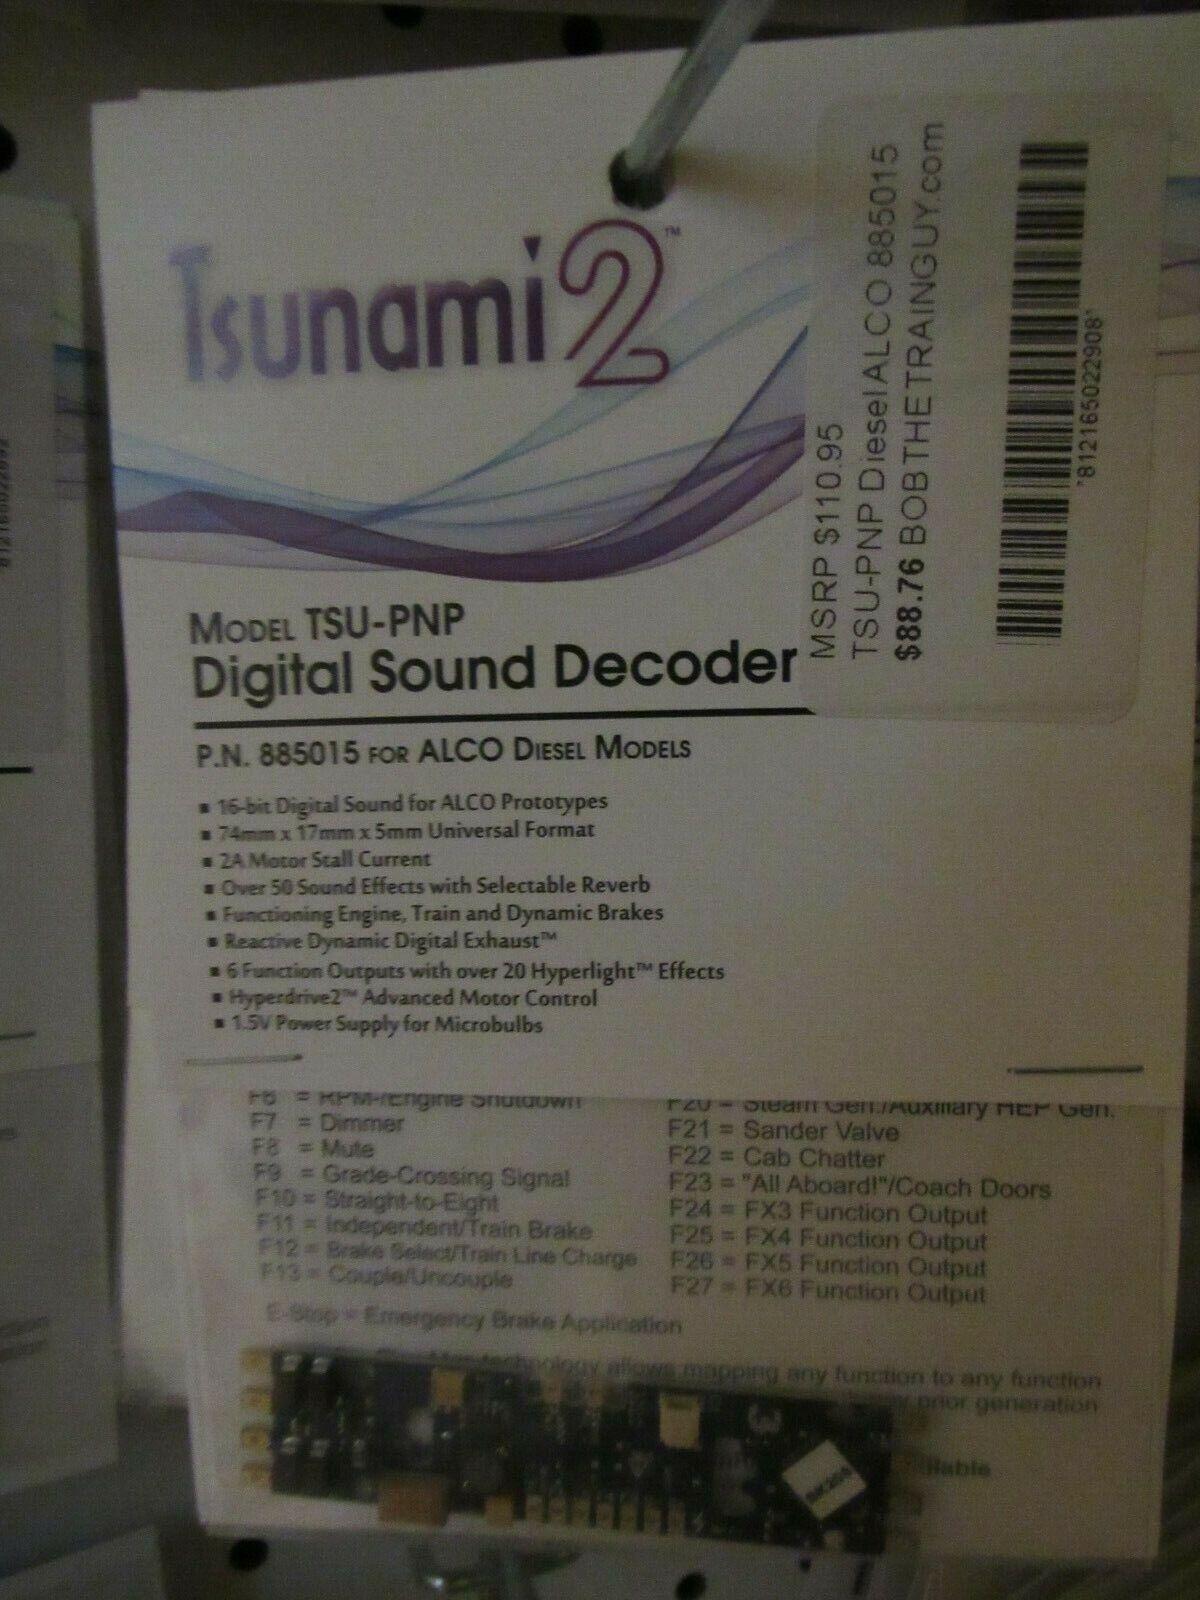 Soundtraxx Tsunami 2 Tsu-PNP Alco motores Diesel  885015 Bob el tren tipo